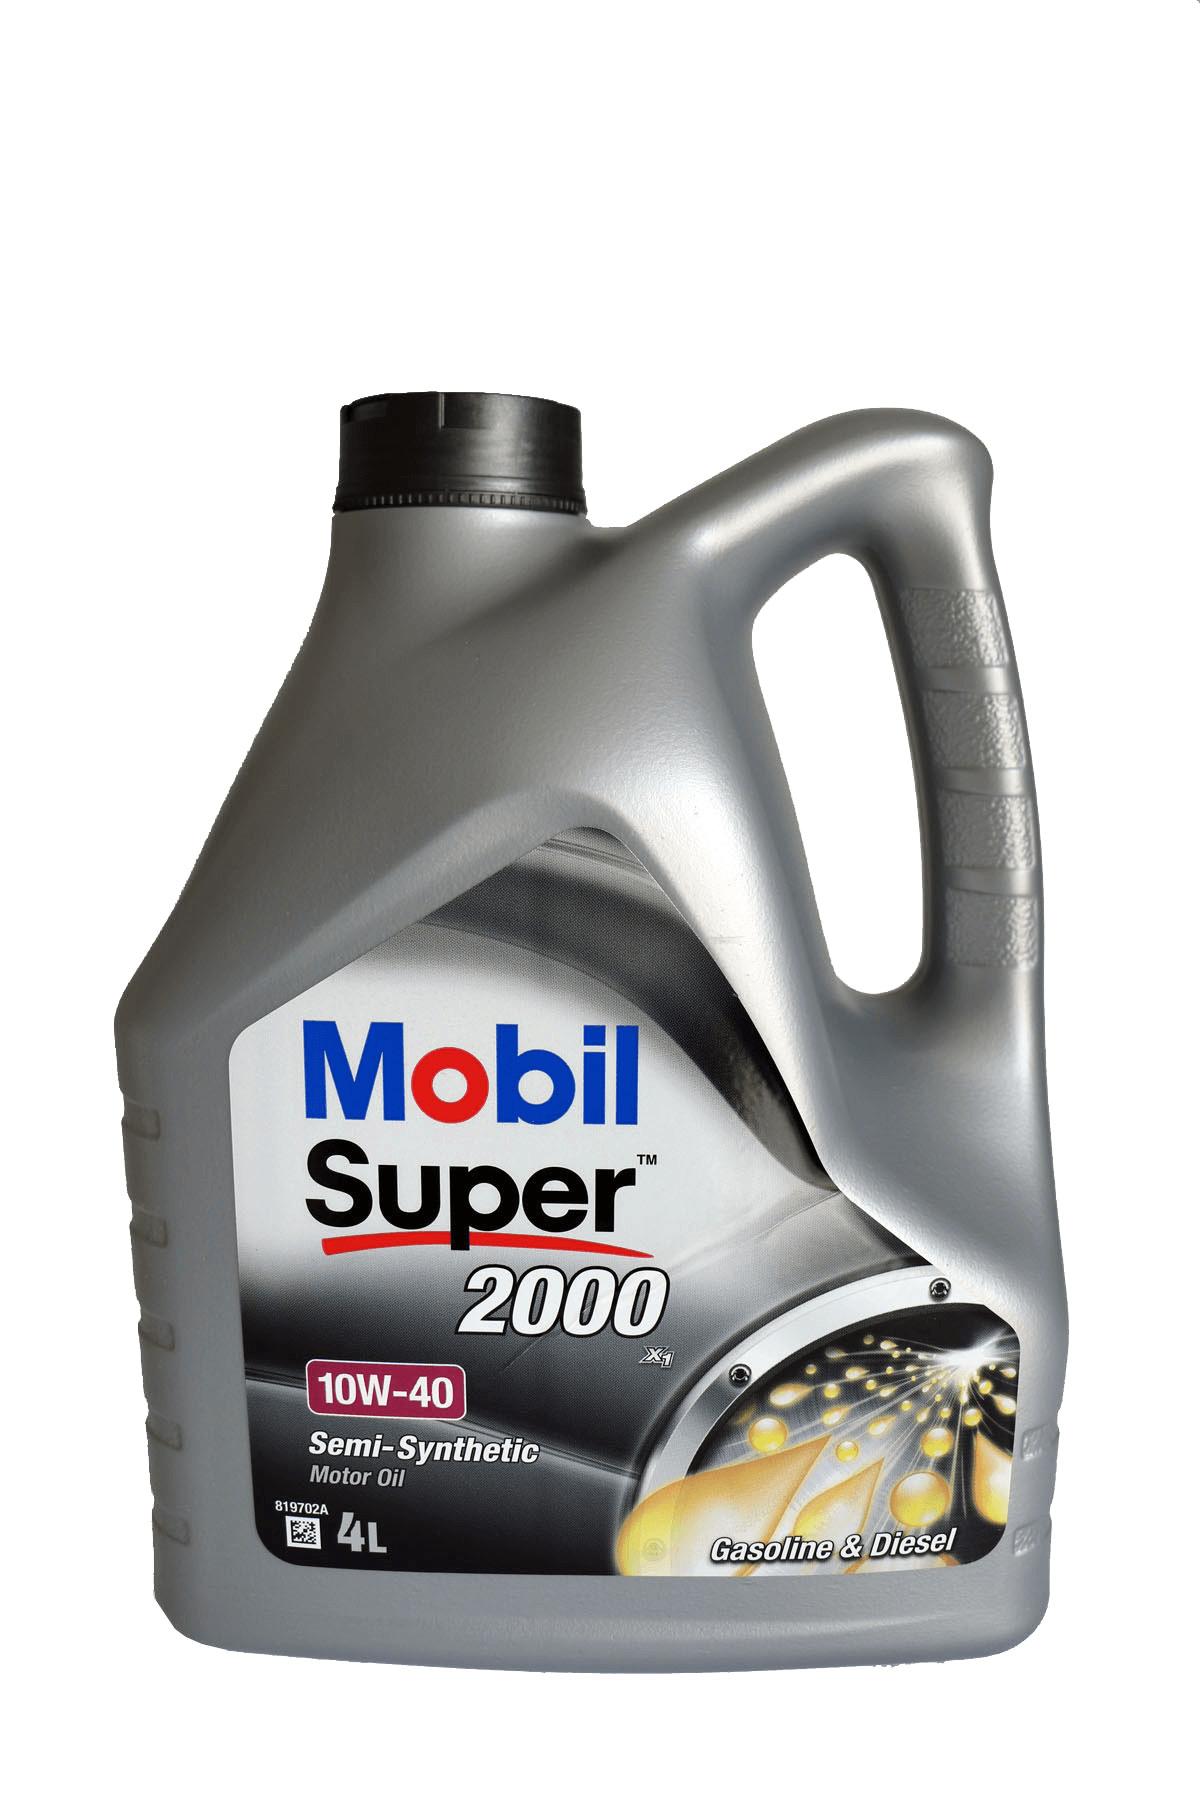 Mobil Super 2000 X1 10W-40 Motoröl, 4l